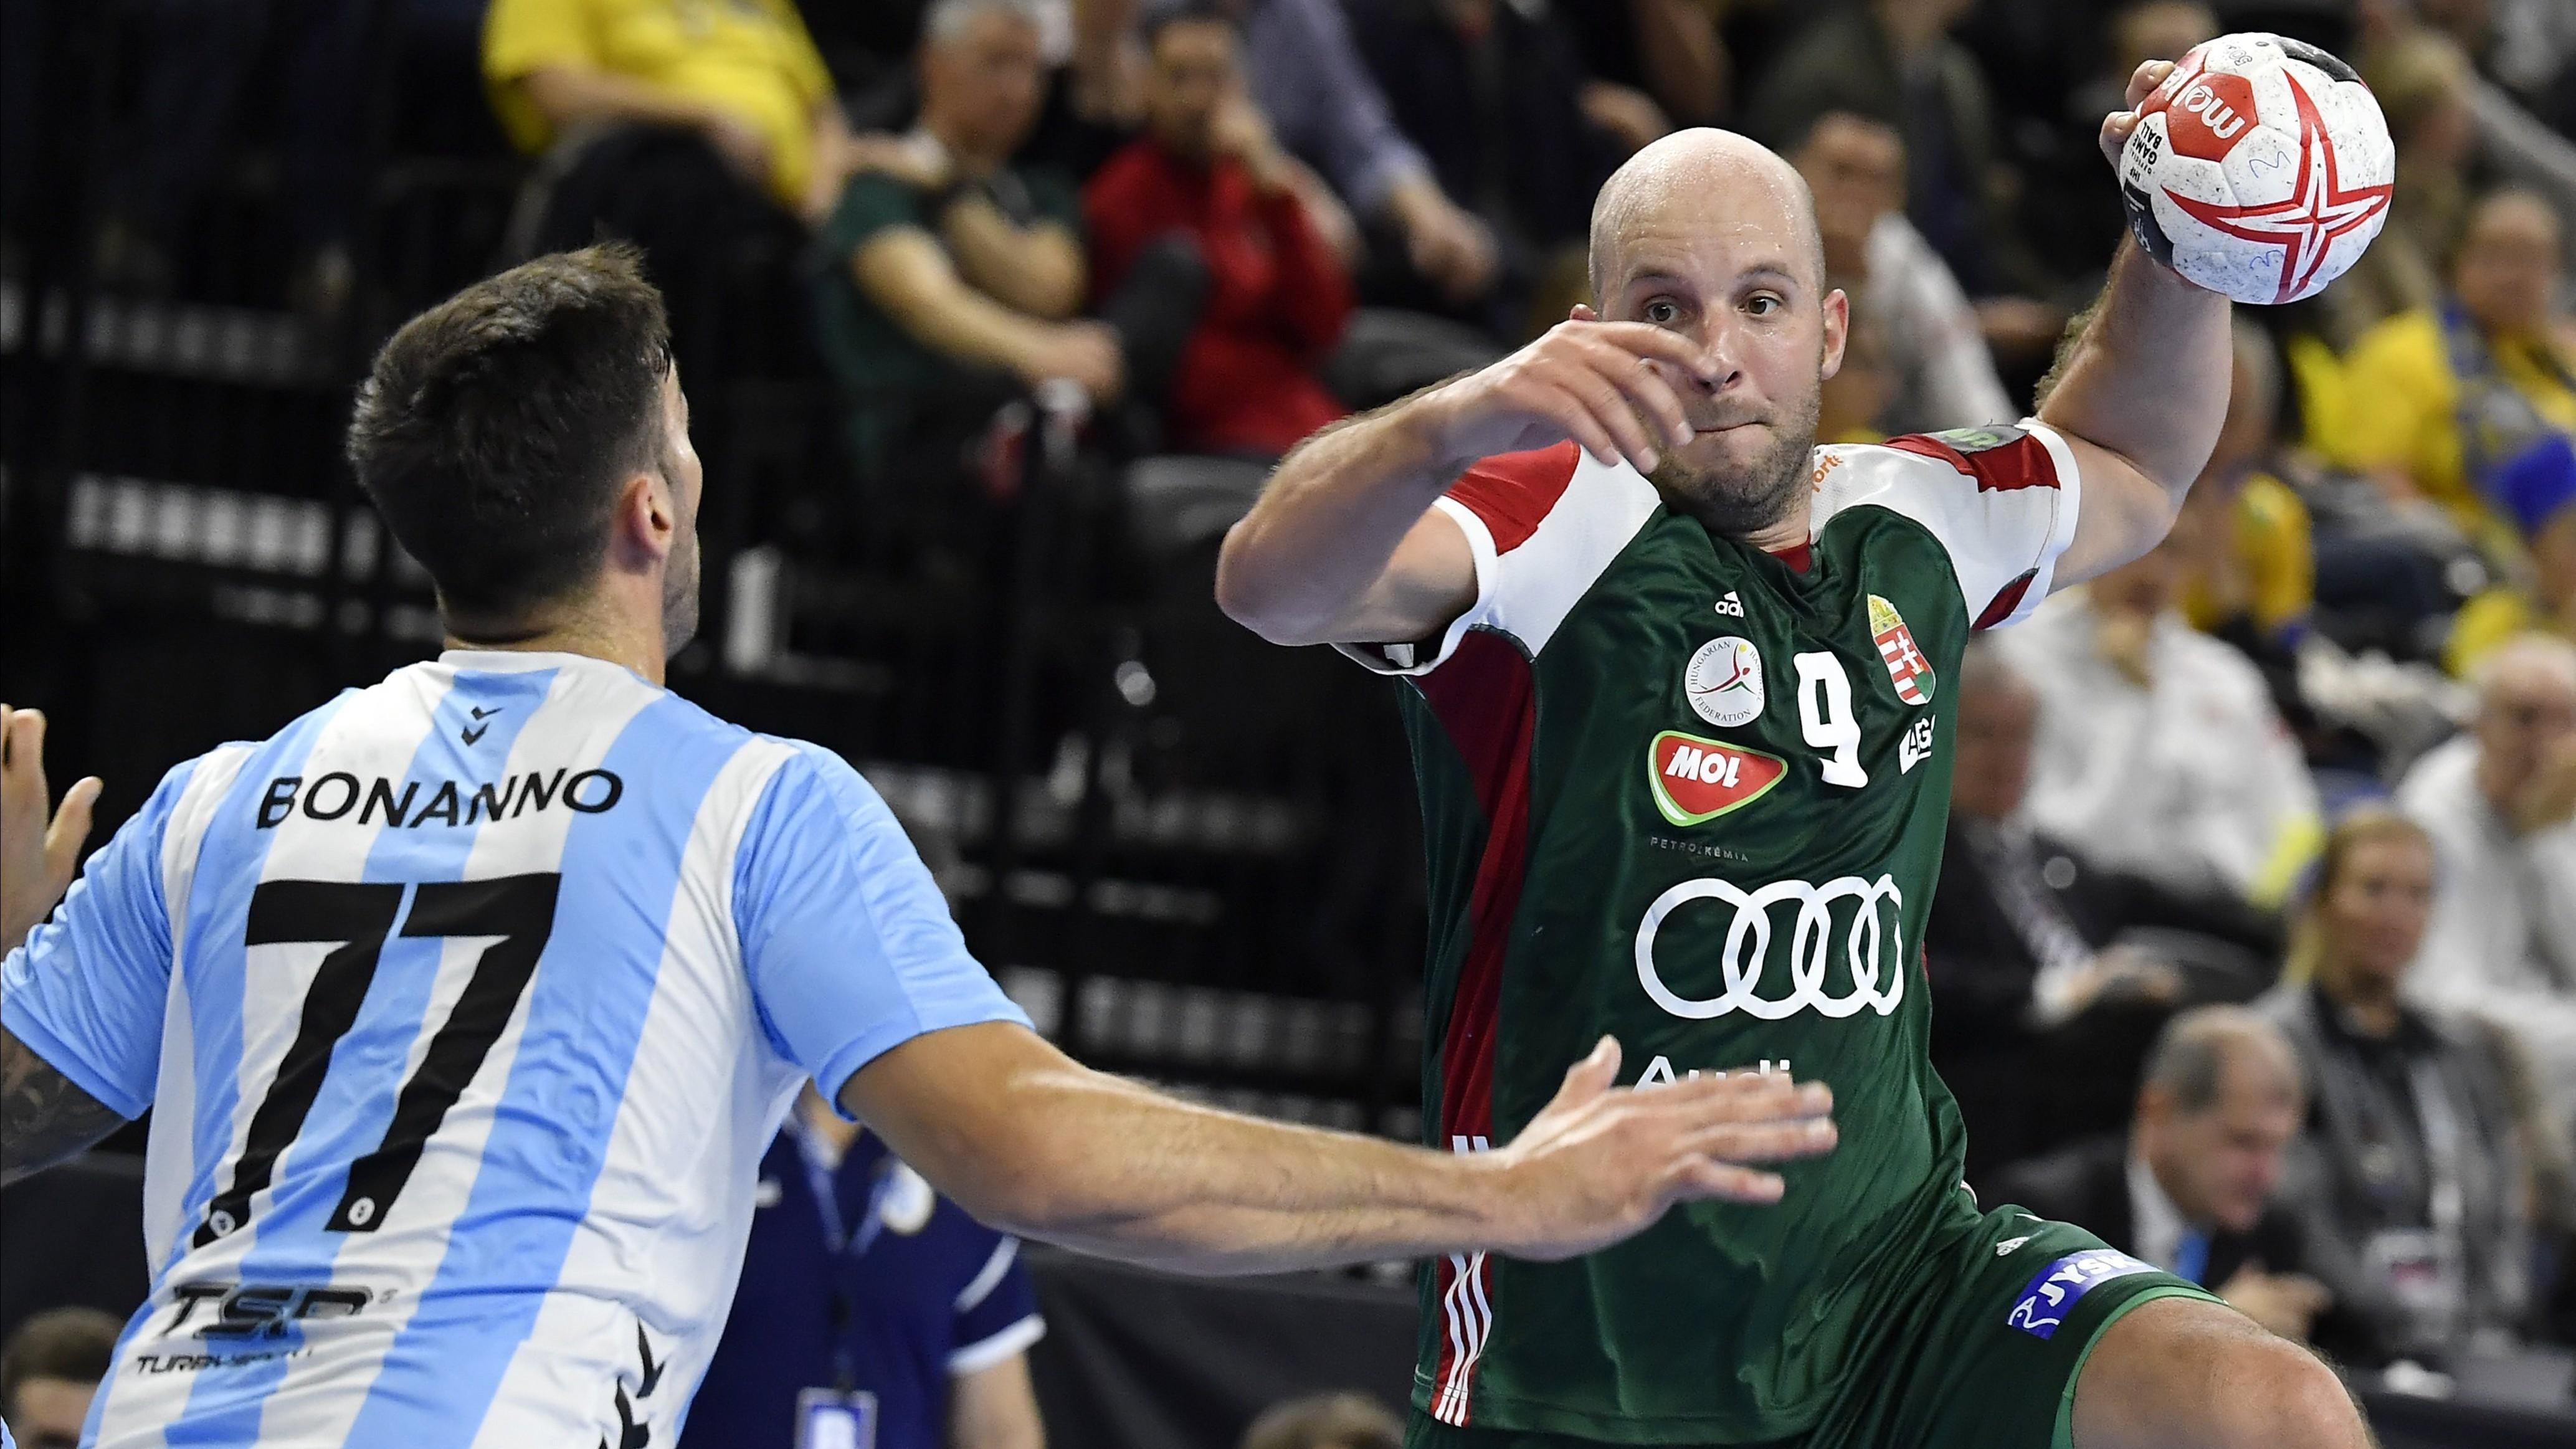 Férfi kézilabda-vb - A magyarok döntetlent játszottak Argentínával